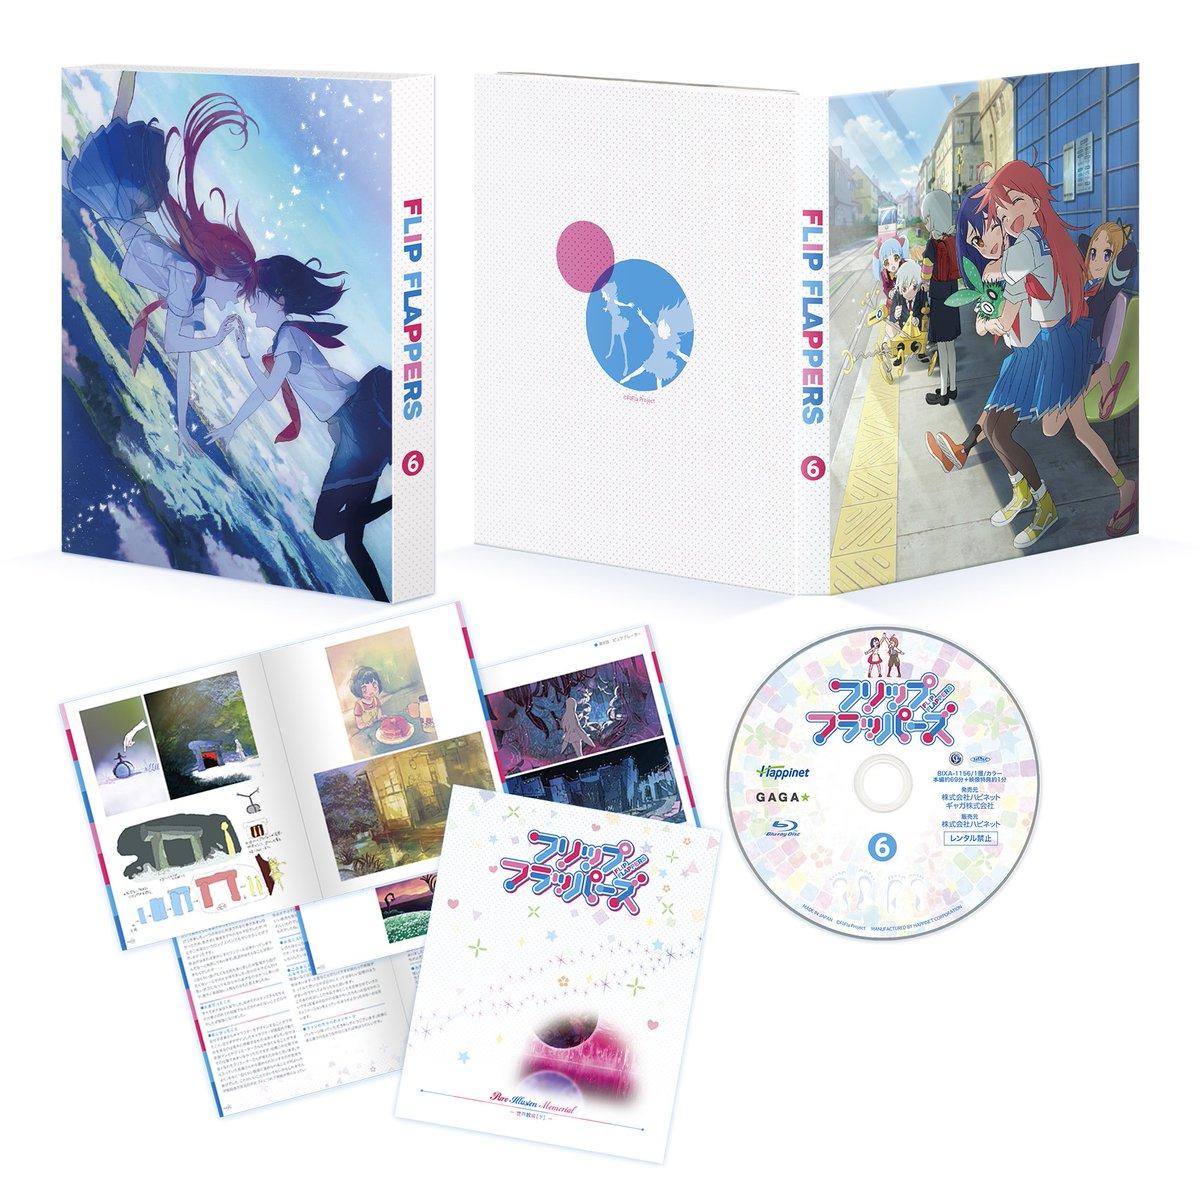 【BD&DVD】いよいよ最終巻!フリップフラッパーズ6巻は6/2発売!第11&12&13話を収録